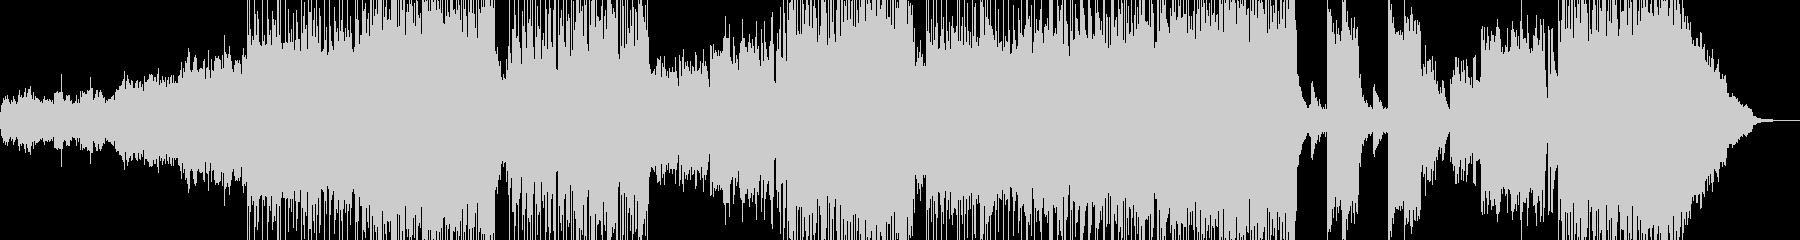 漆黒をイメージした3拍子ロックの未再生の波形